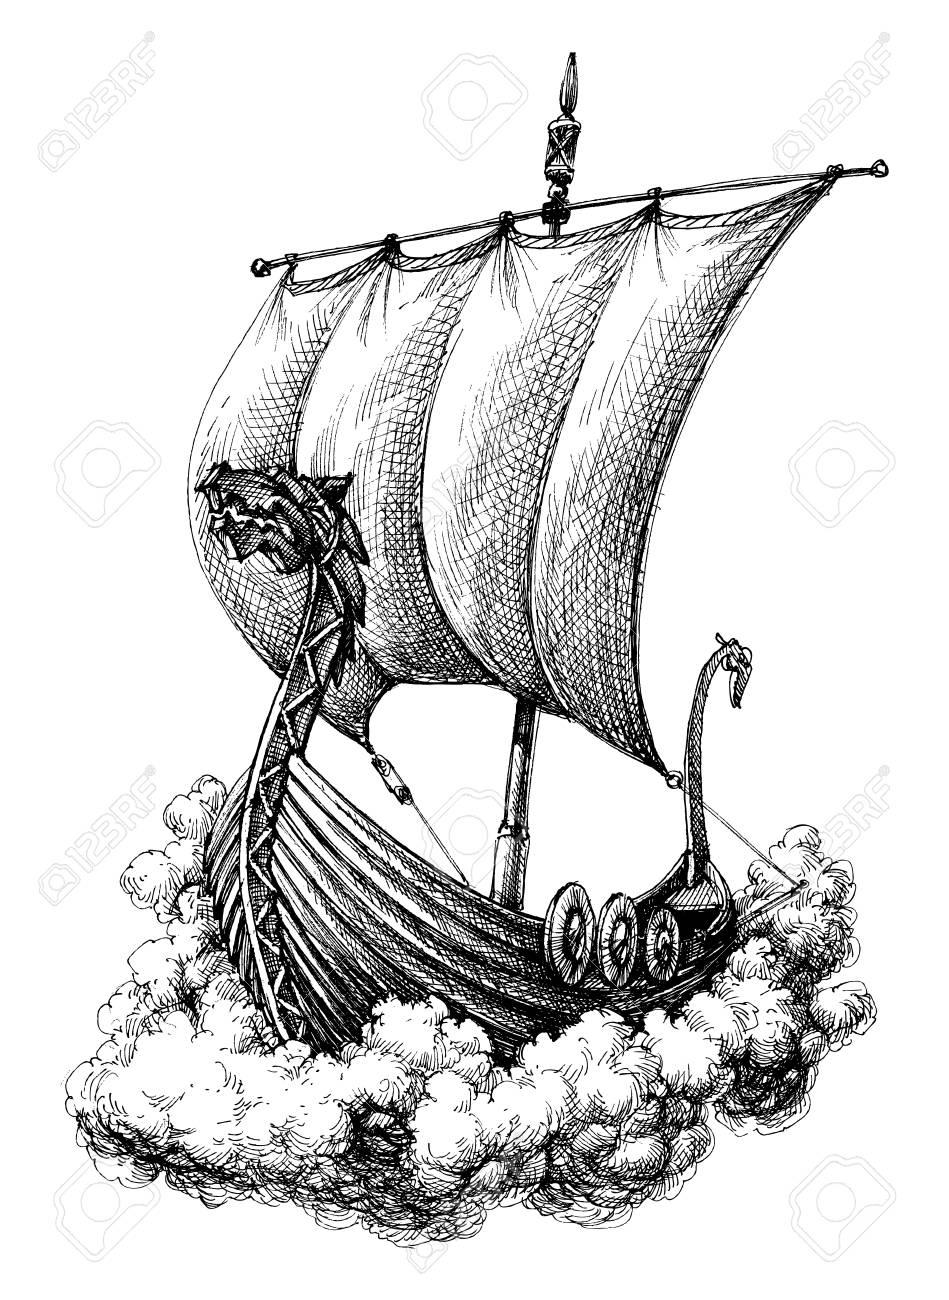 949x1300 Sail Boat Drawing Royalty Free Cliparts, Vectors, And Stock